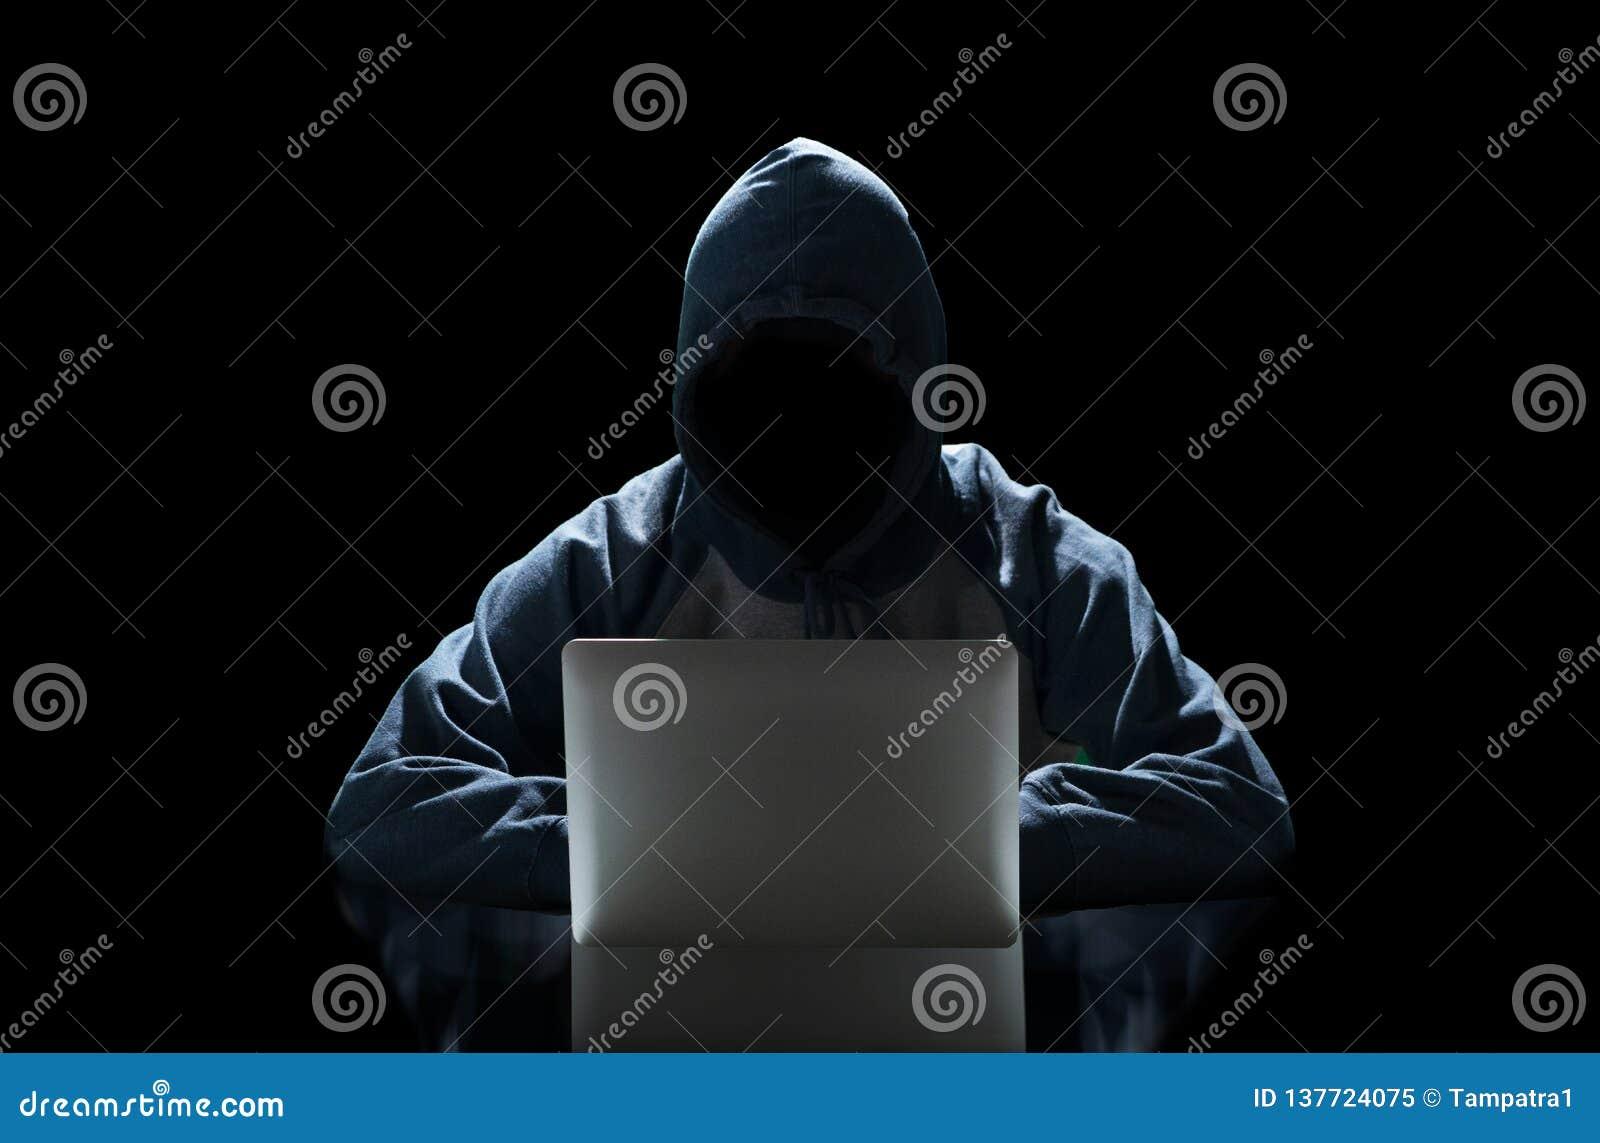 Hacker, der auf einem Laptop lokalisiert auf schwarzem Hintergrund mit einer Computermonitor-Hintergrundmatrix, Digital-Datencode